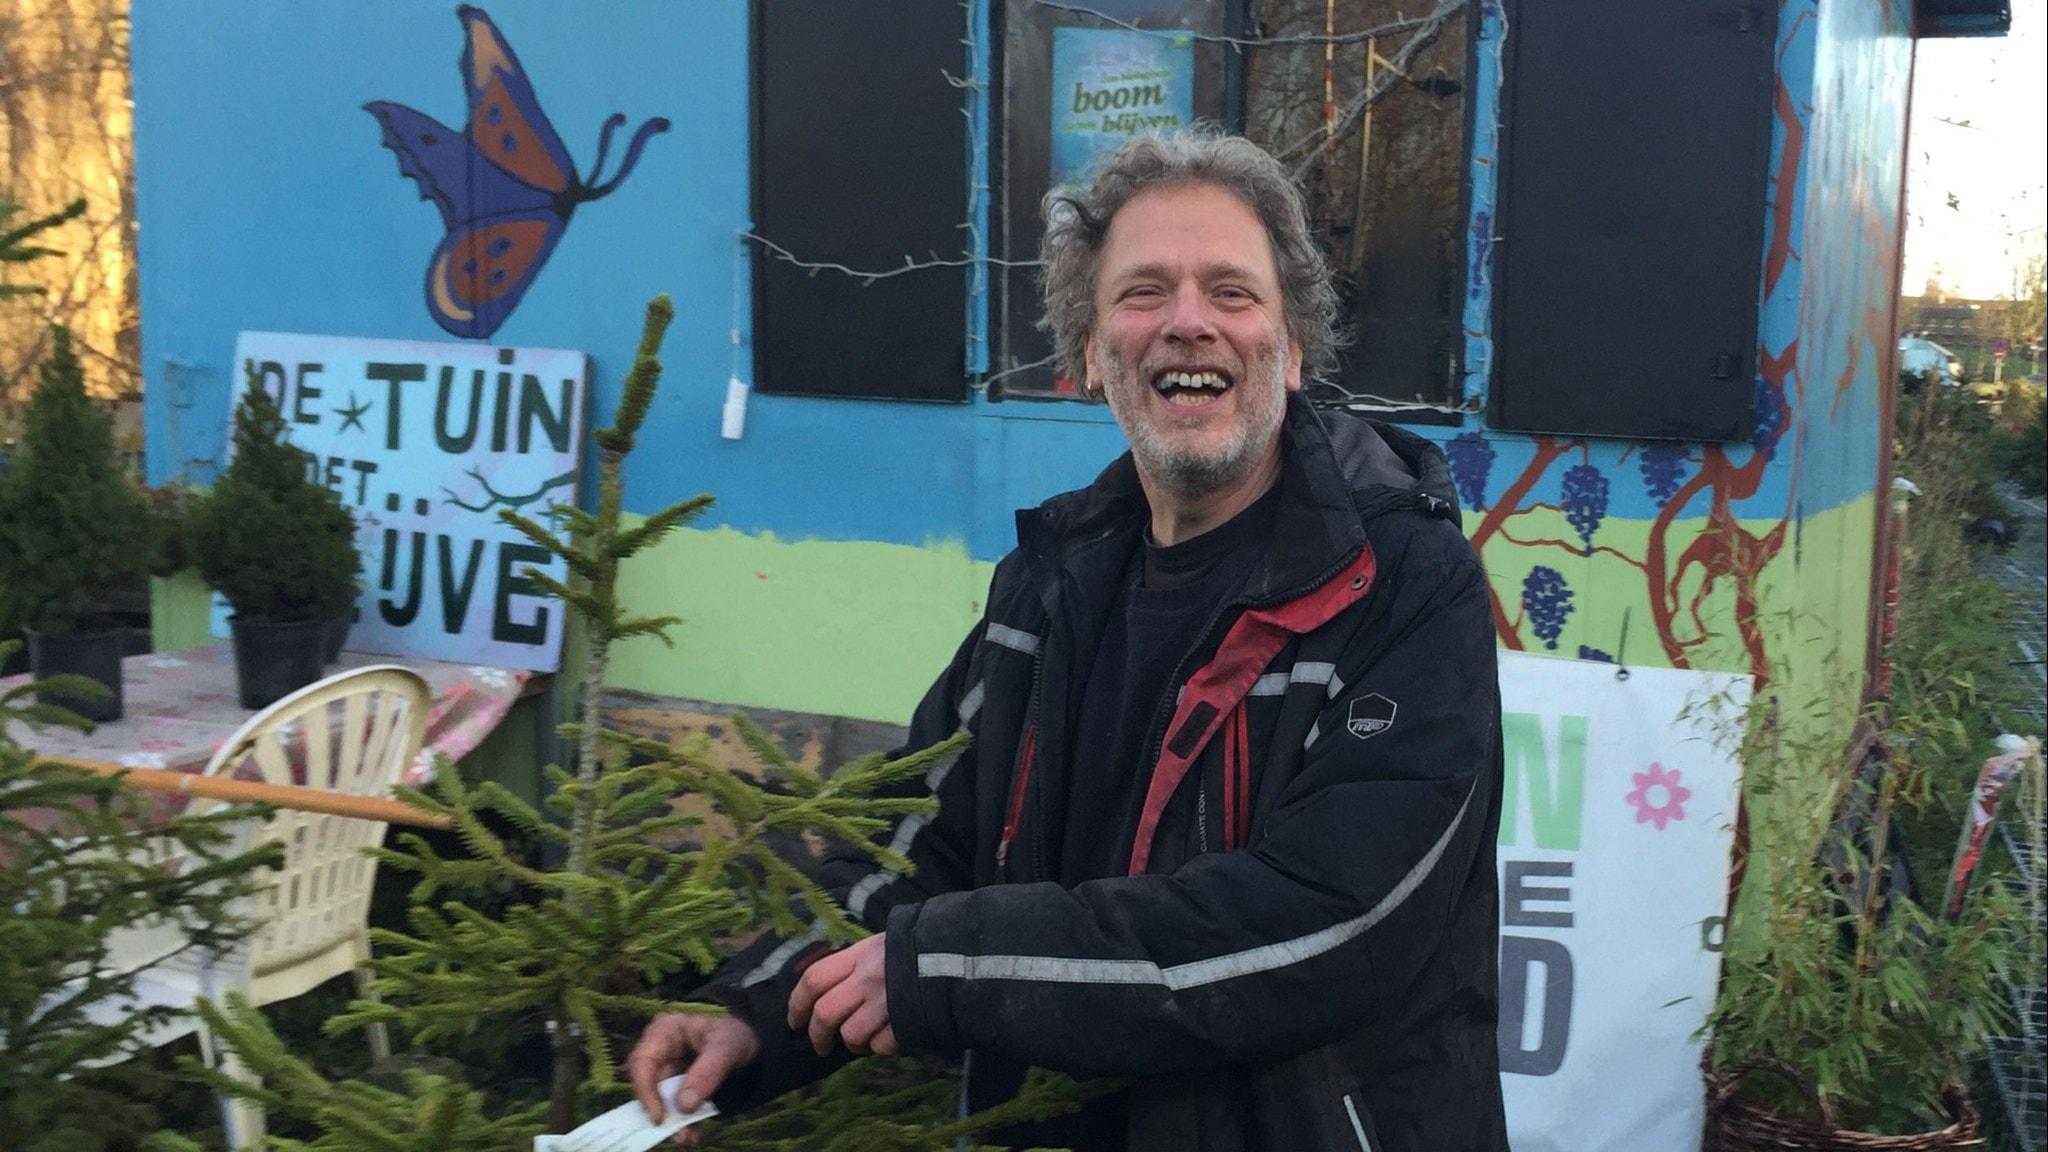 Frans Kerver i Nederländska Groningen säljer samma julgran till folk år efter år. Foto: Johan Bergendorff / Sveriges Radio